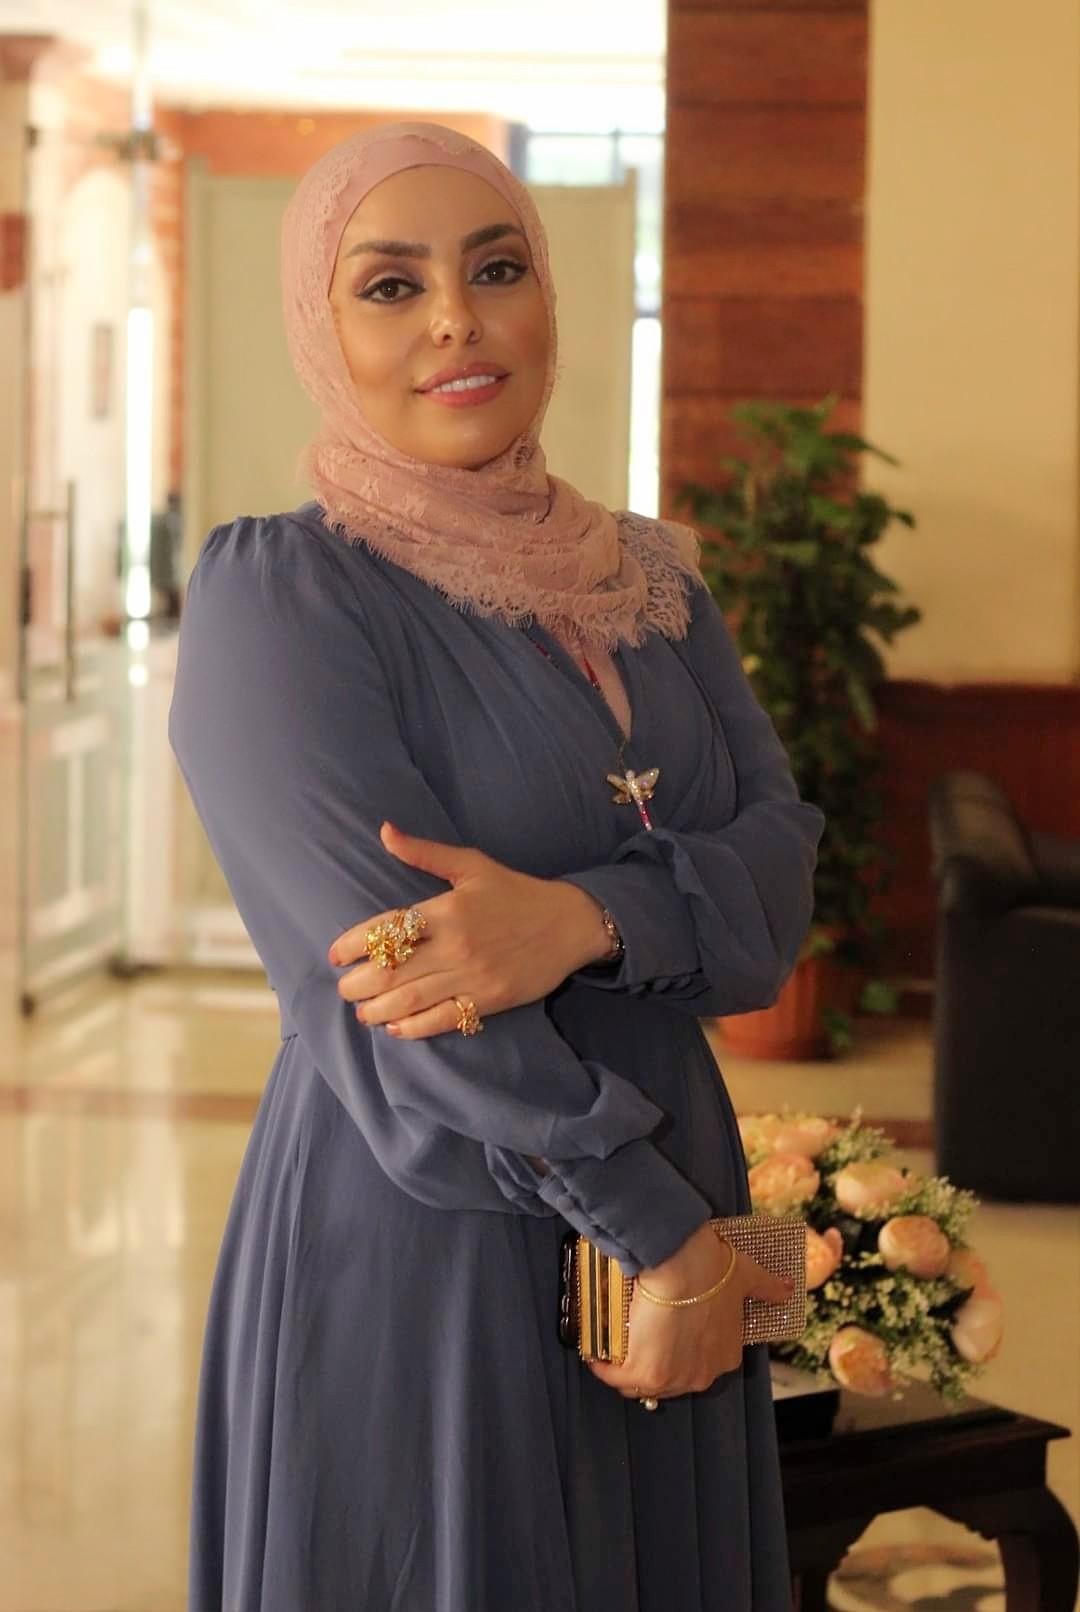 تكريم الدكتورة الاردنية مروة صلاح في هن الحكاية